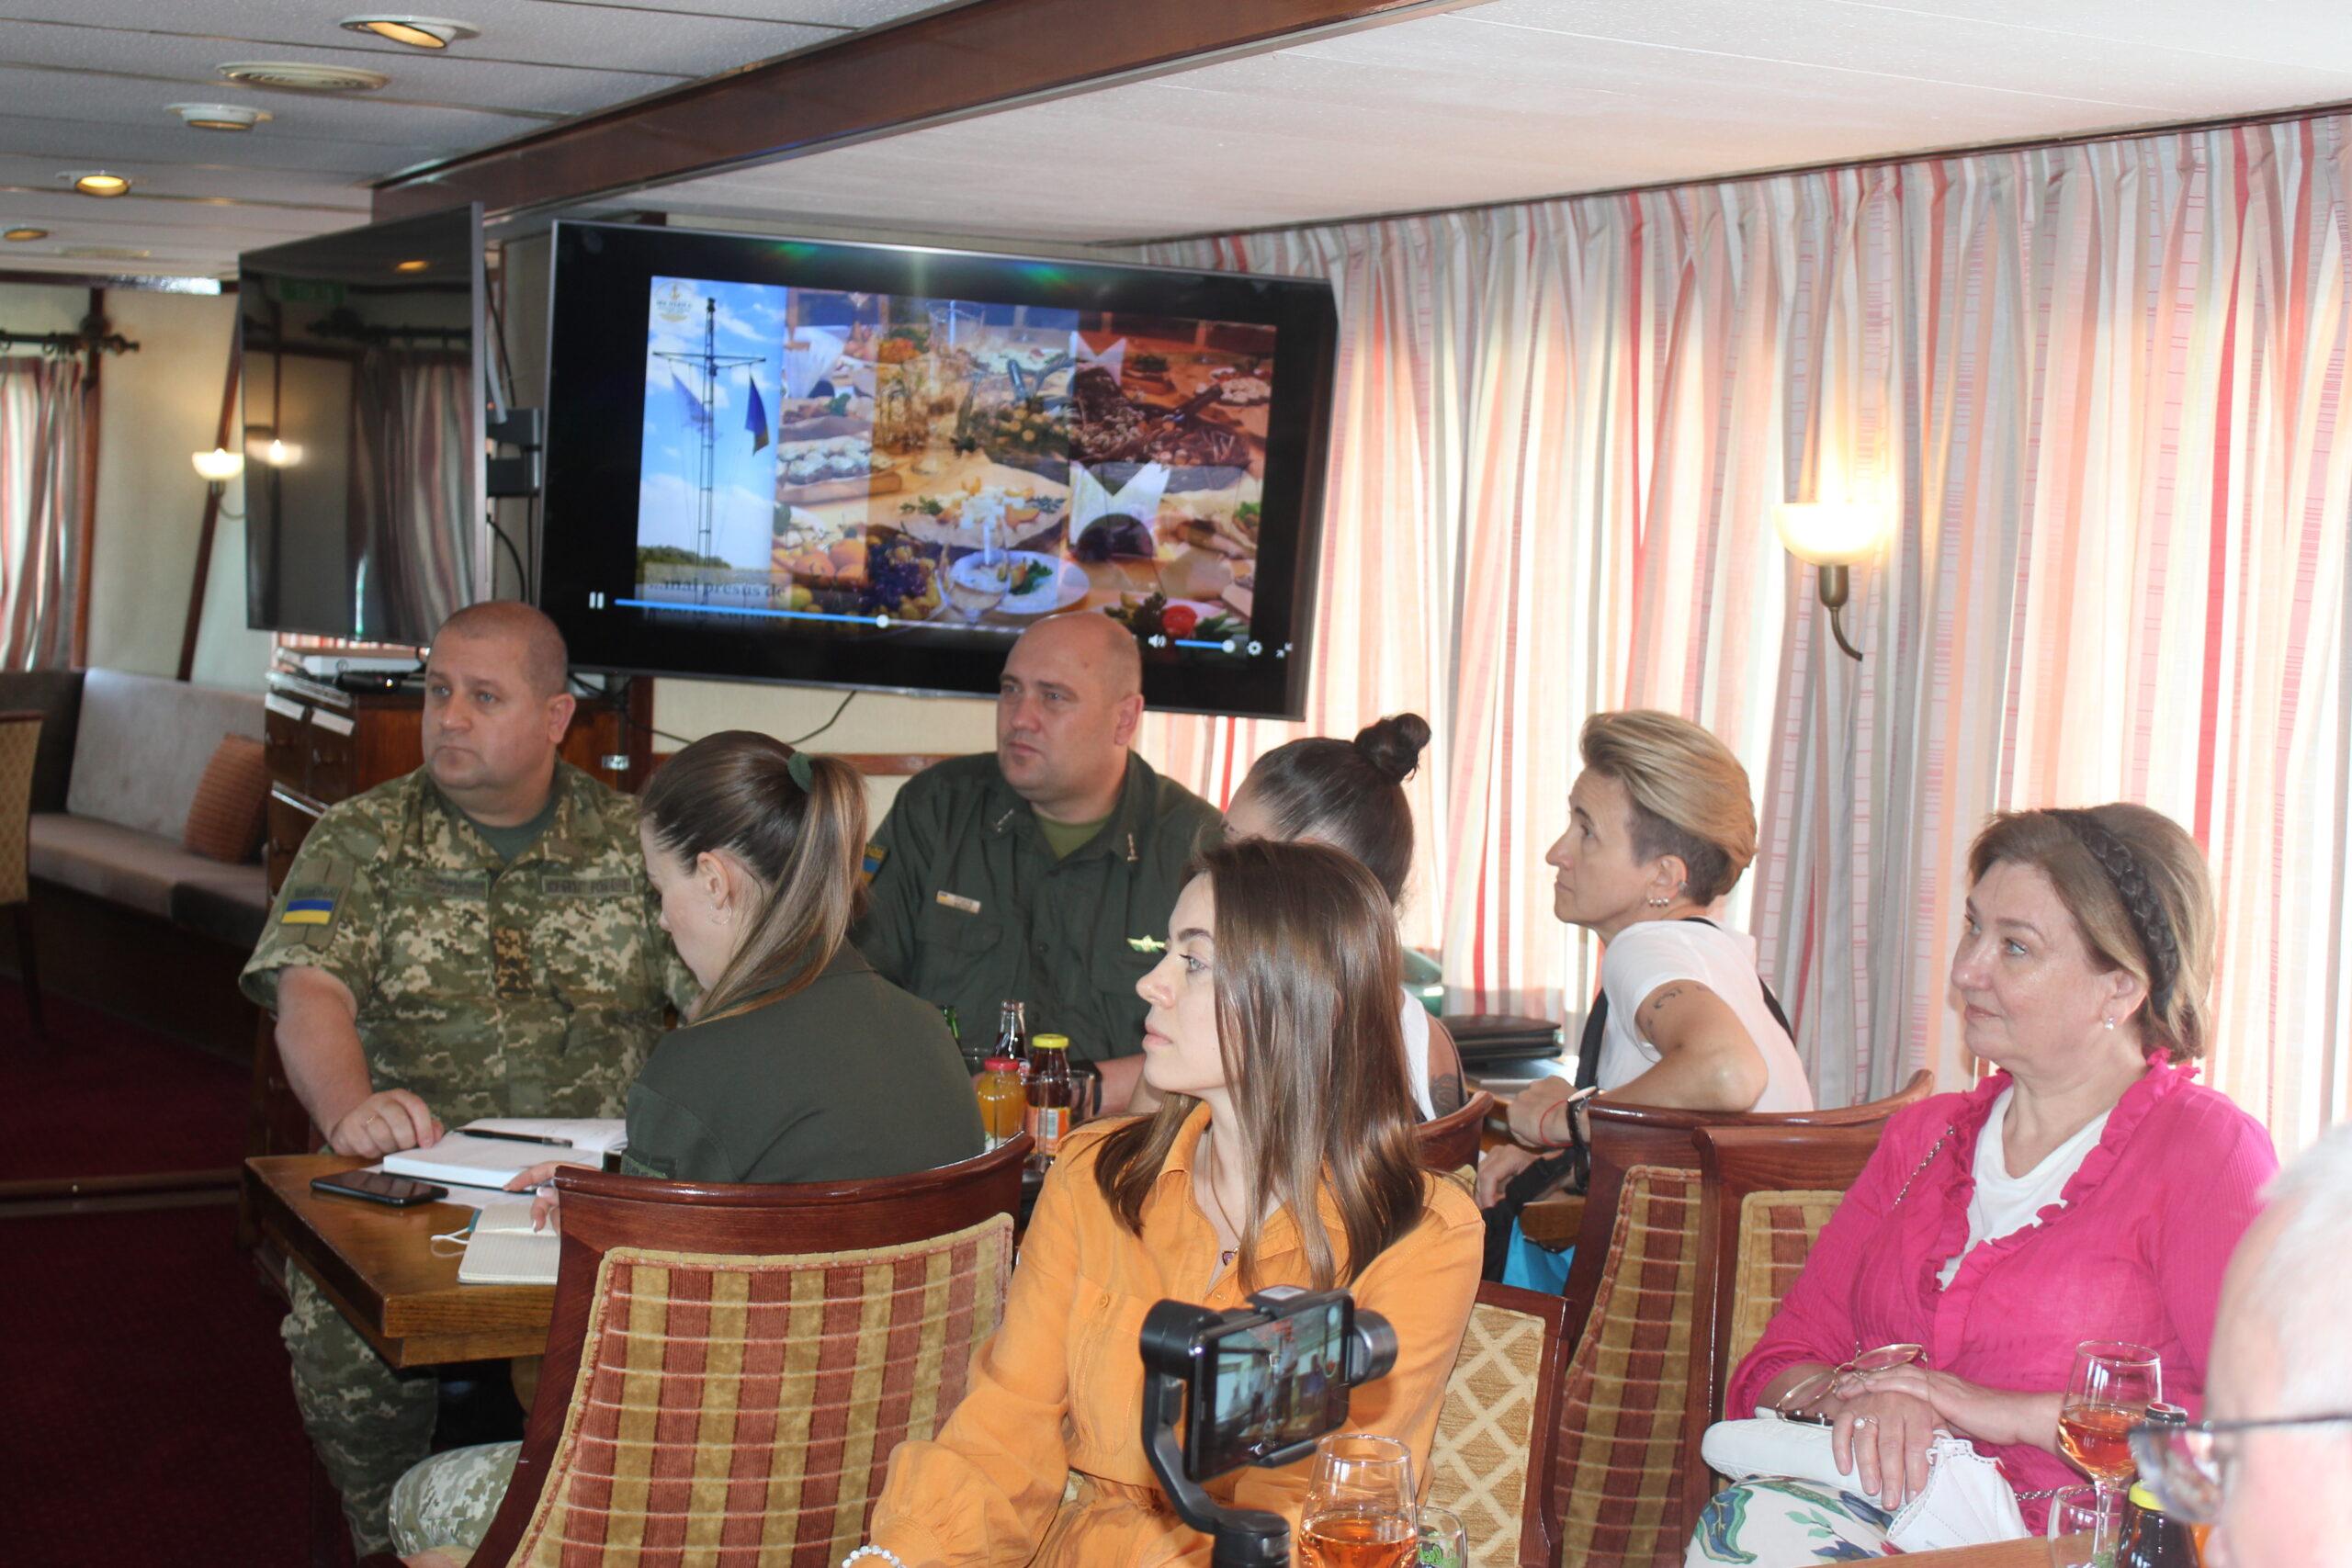 Сезон путешествий по воде открыт: из Измаила можно отправиться в круиз по румынской дельте Дуная